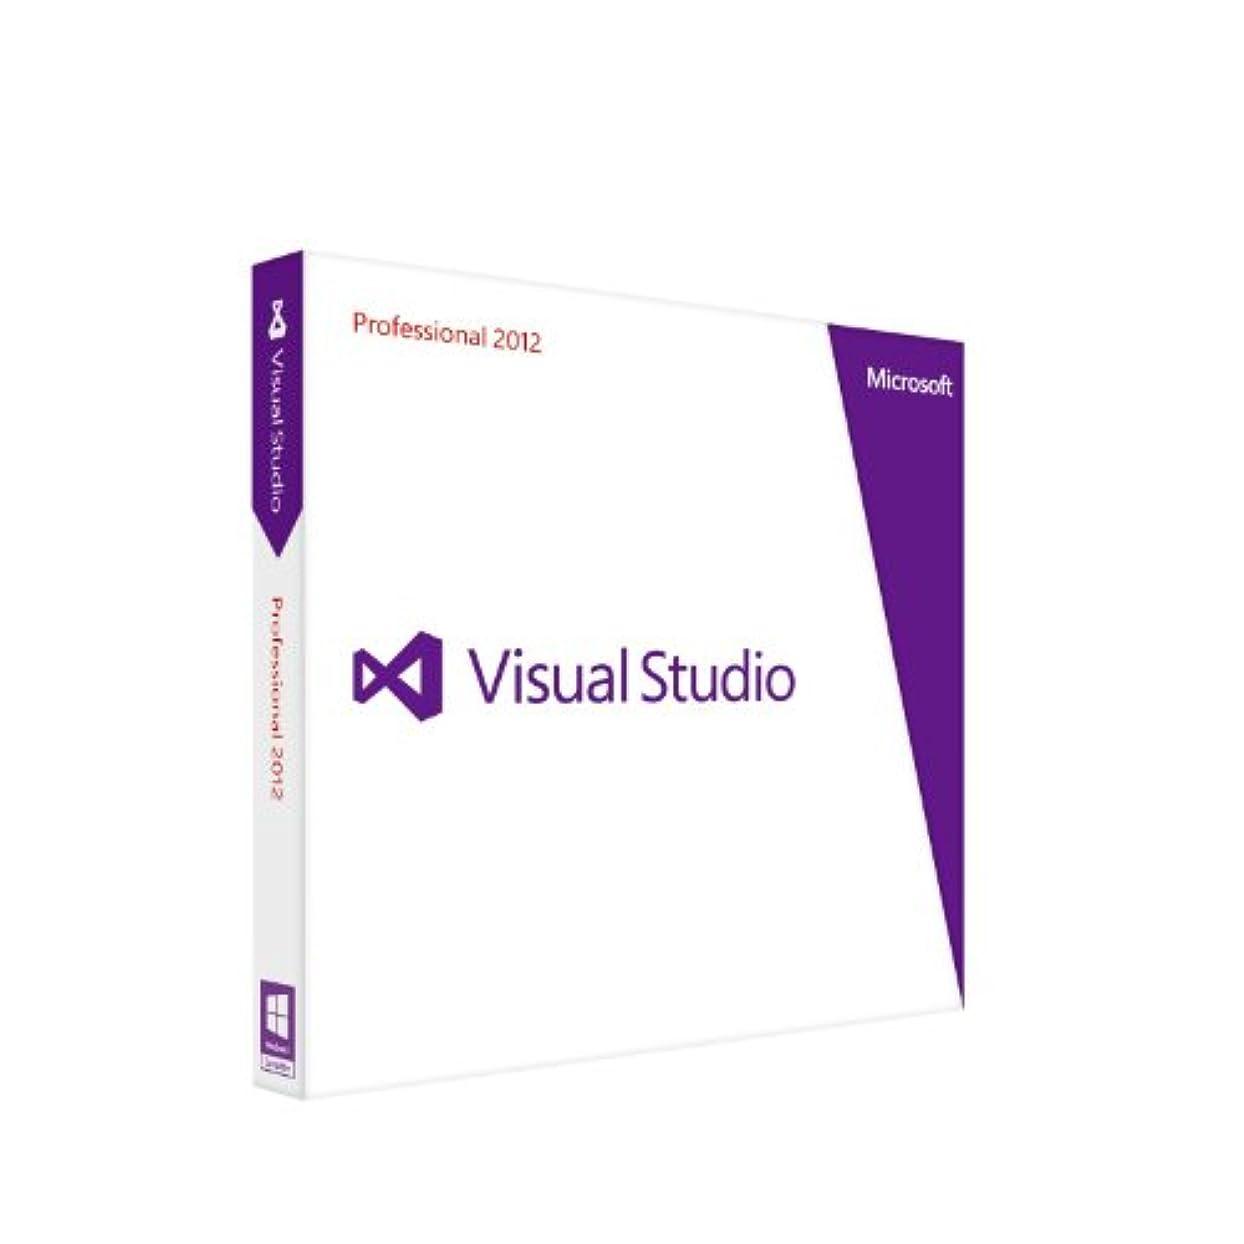 トレーダー恐ろしい驚かすMicrosoft Visual Studio 2012 Professional 通常版  (ソフト3本+Windows 8 タブレット端末1台)